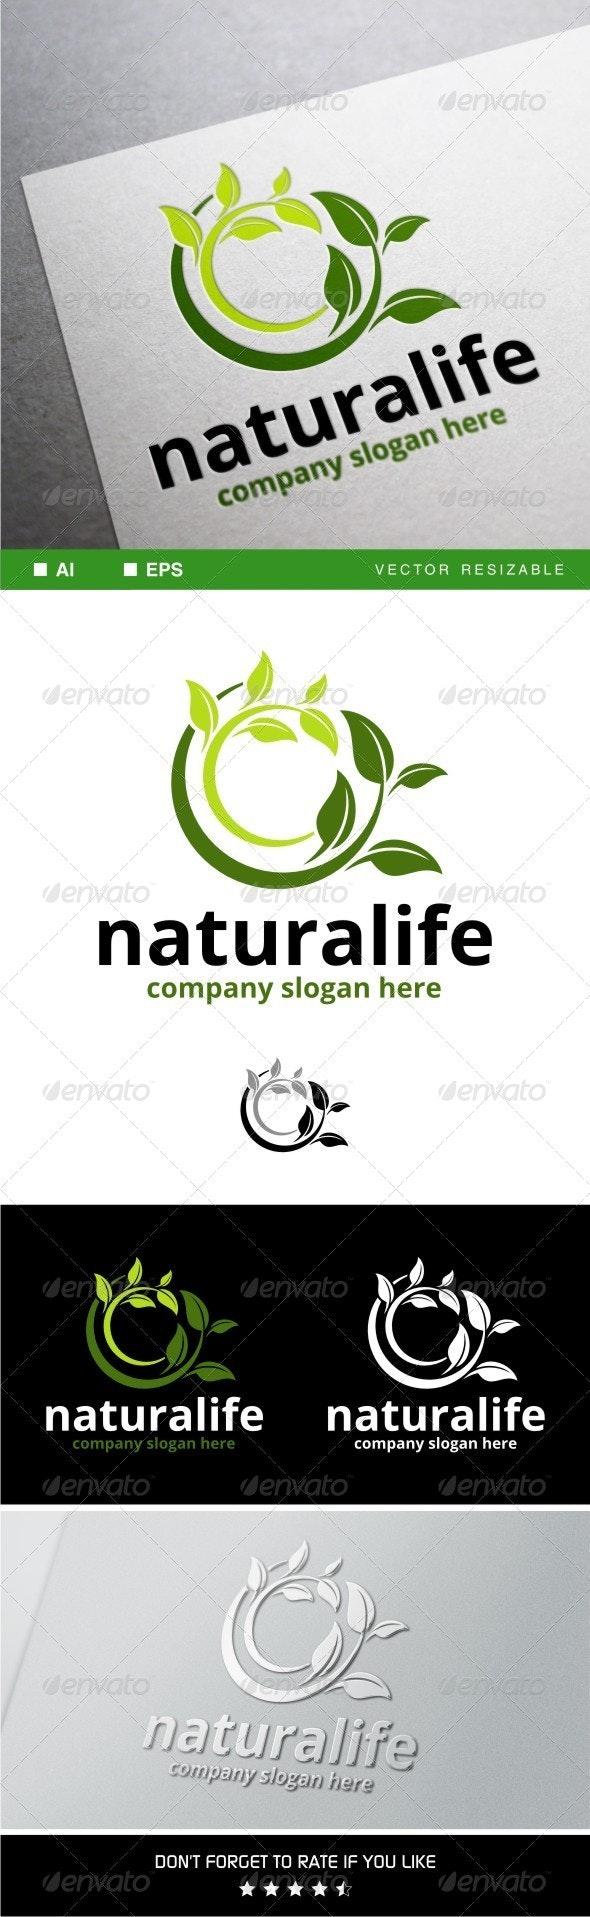 Naturalife Logo Template - Nature Logo Templates